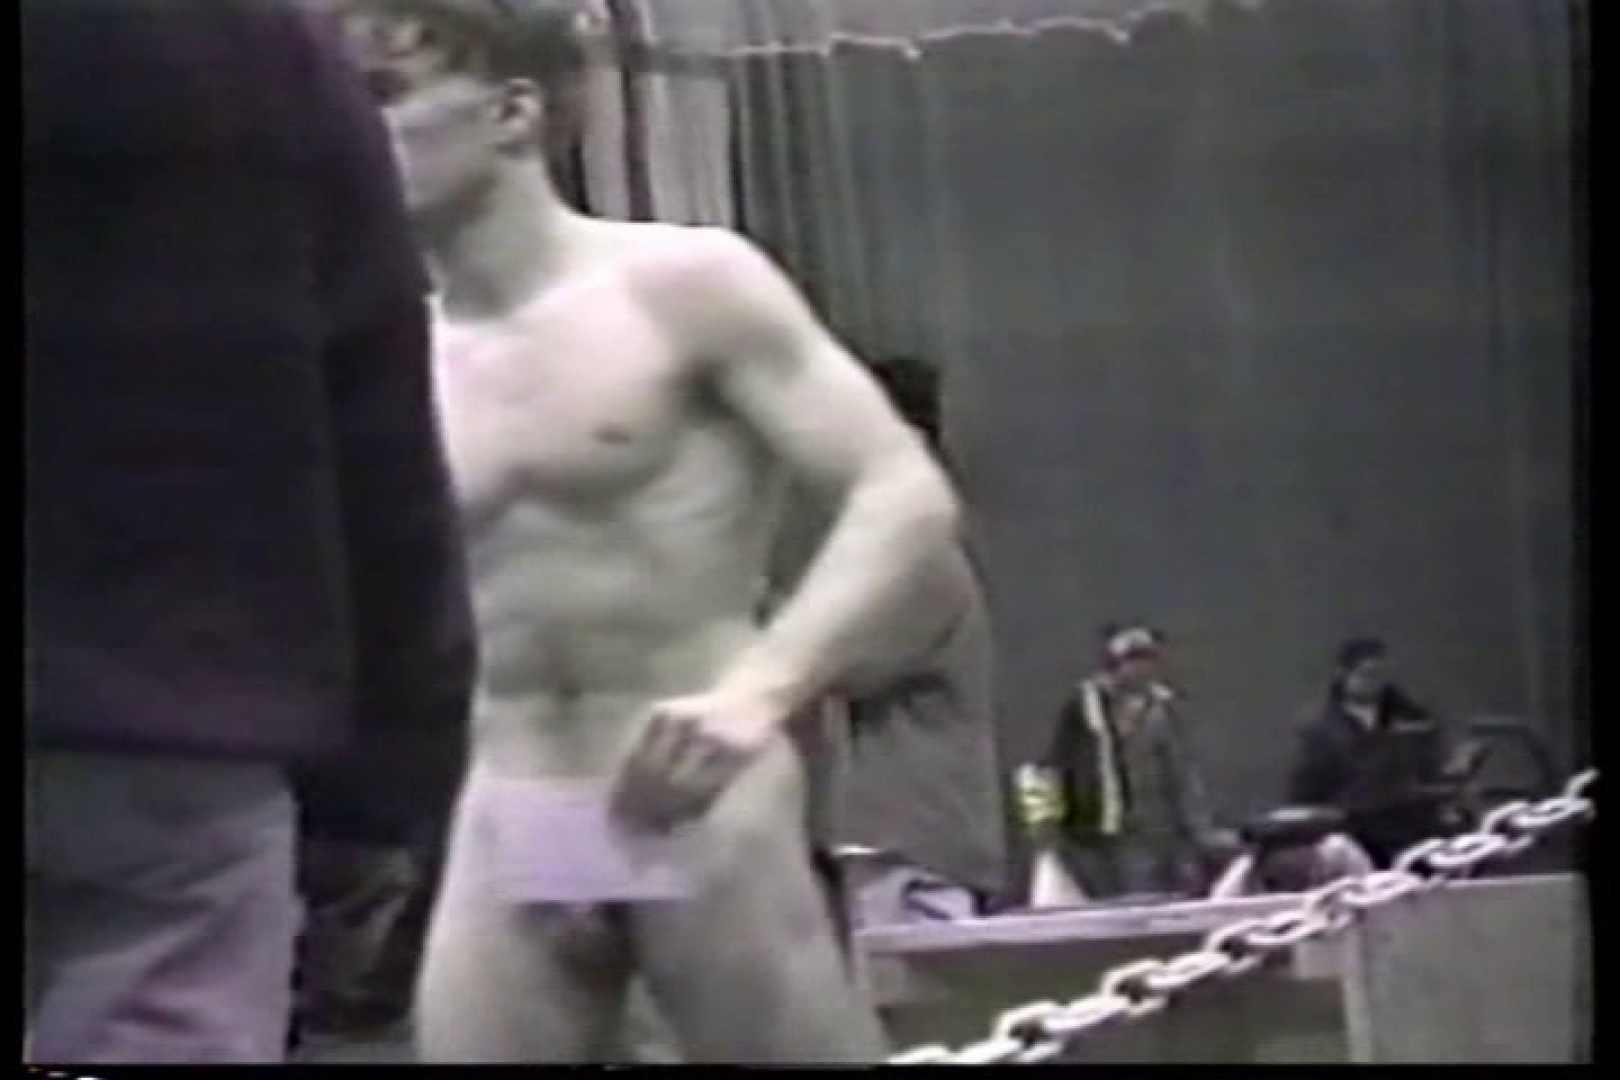 洋人さんの脱衣所を覗いてみました。VOL.5 男  50pic 30